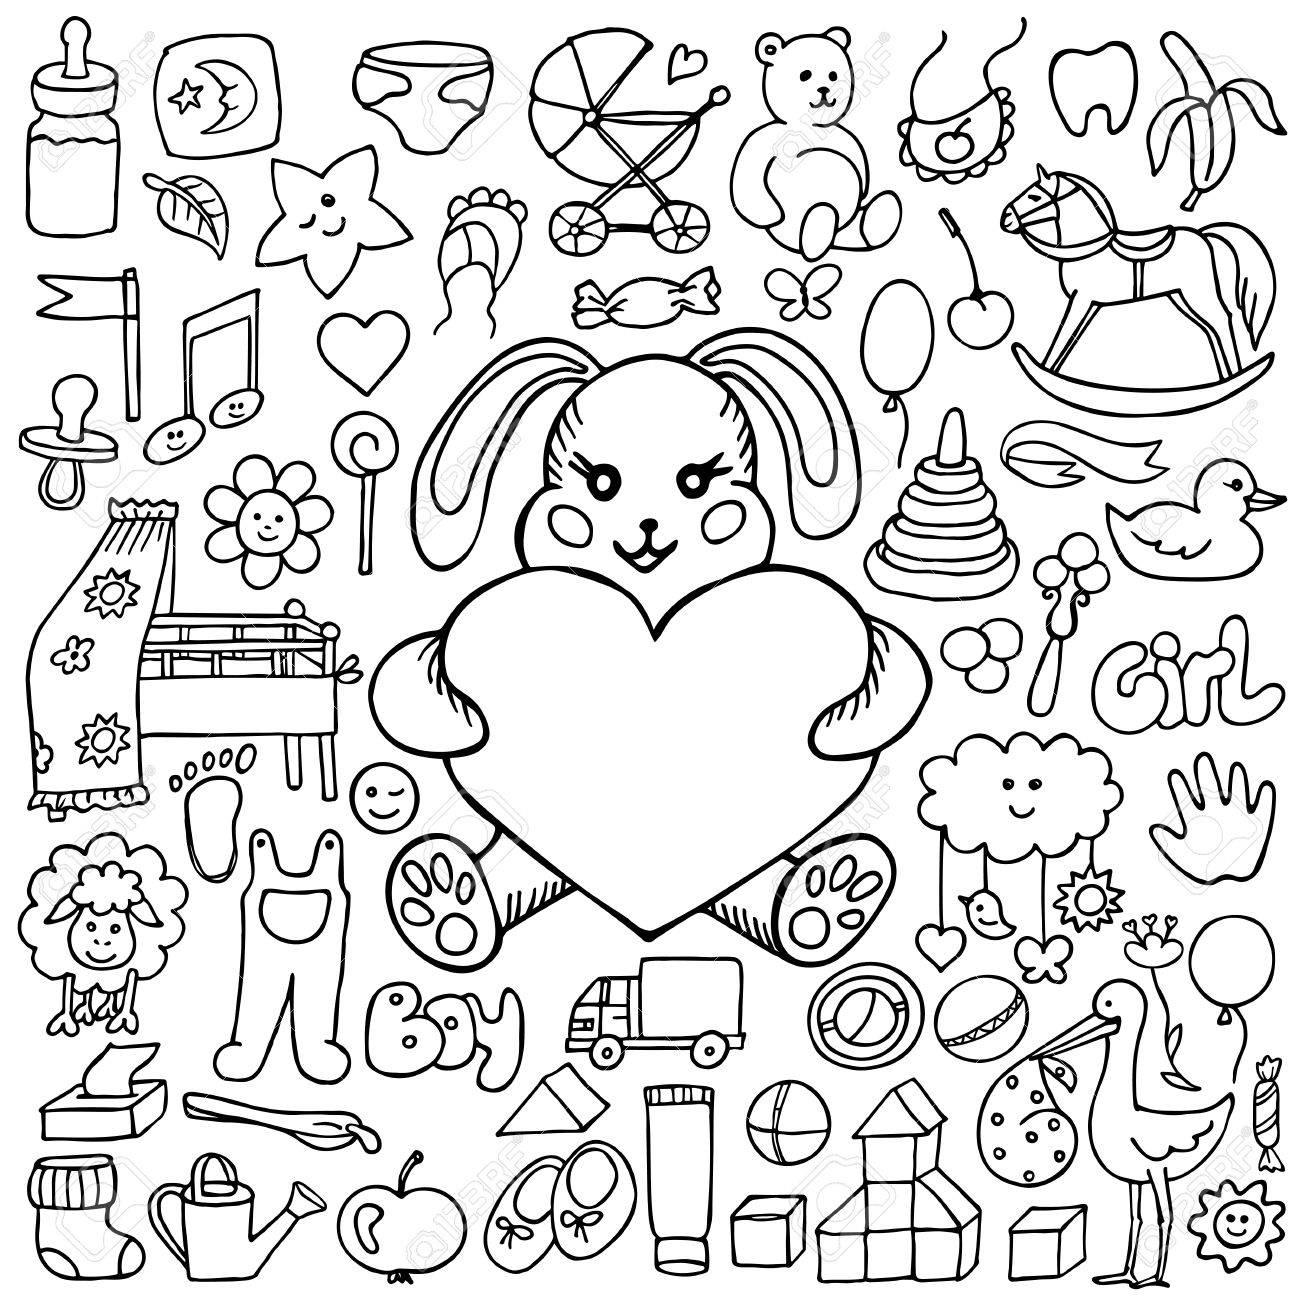 Burlarse De Objetos Dibujados A Mano Del Bebé Del Doodle Ilustración Vectorial Para Portadas Libros Para Colorear Tarjetas Postales